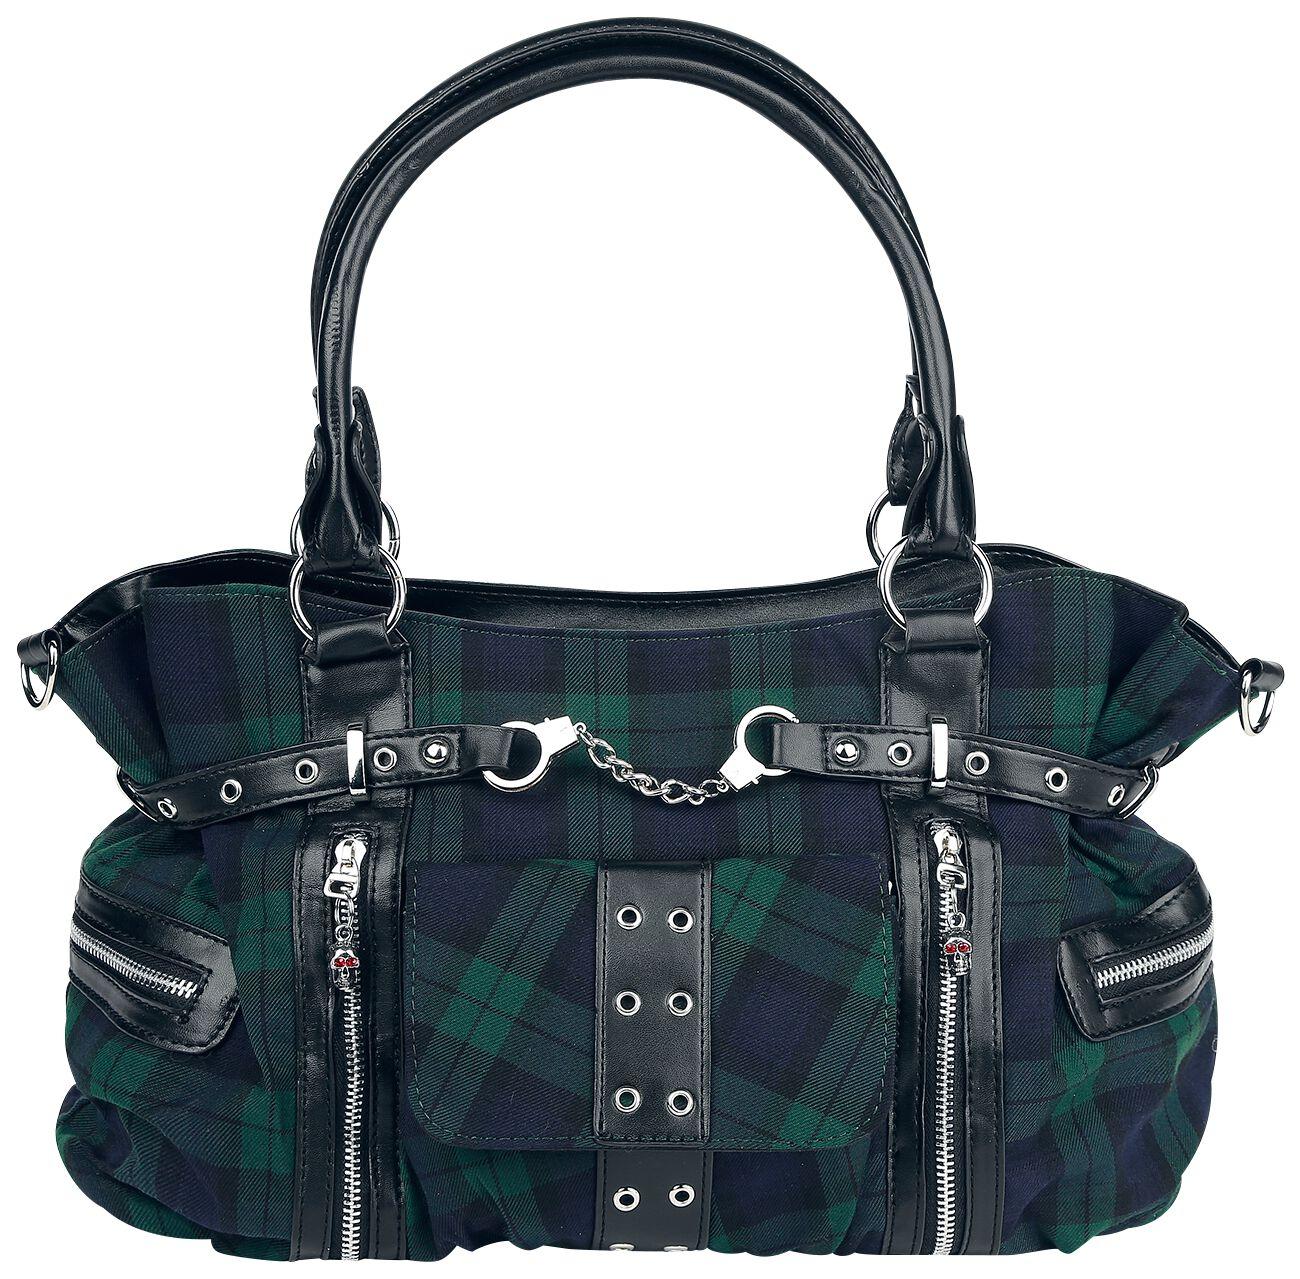 Osta Käsilaukku : Osta green tartan k?silaukku netist?